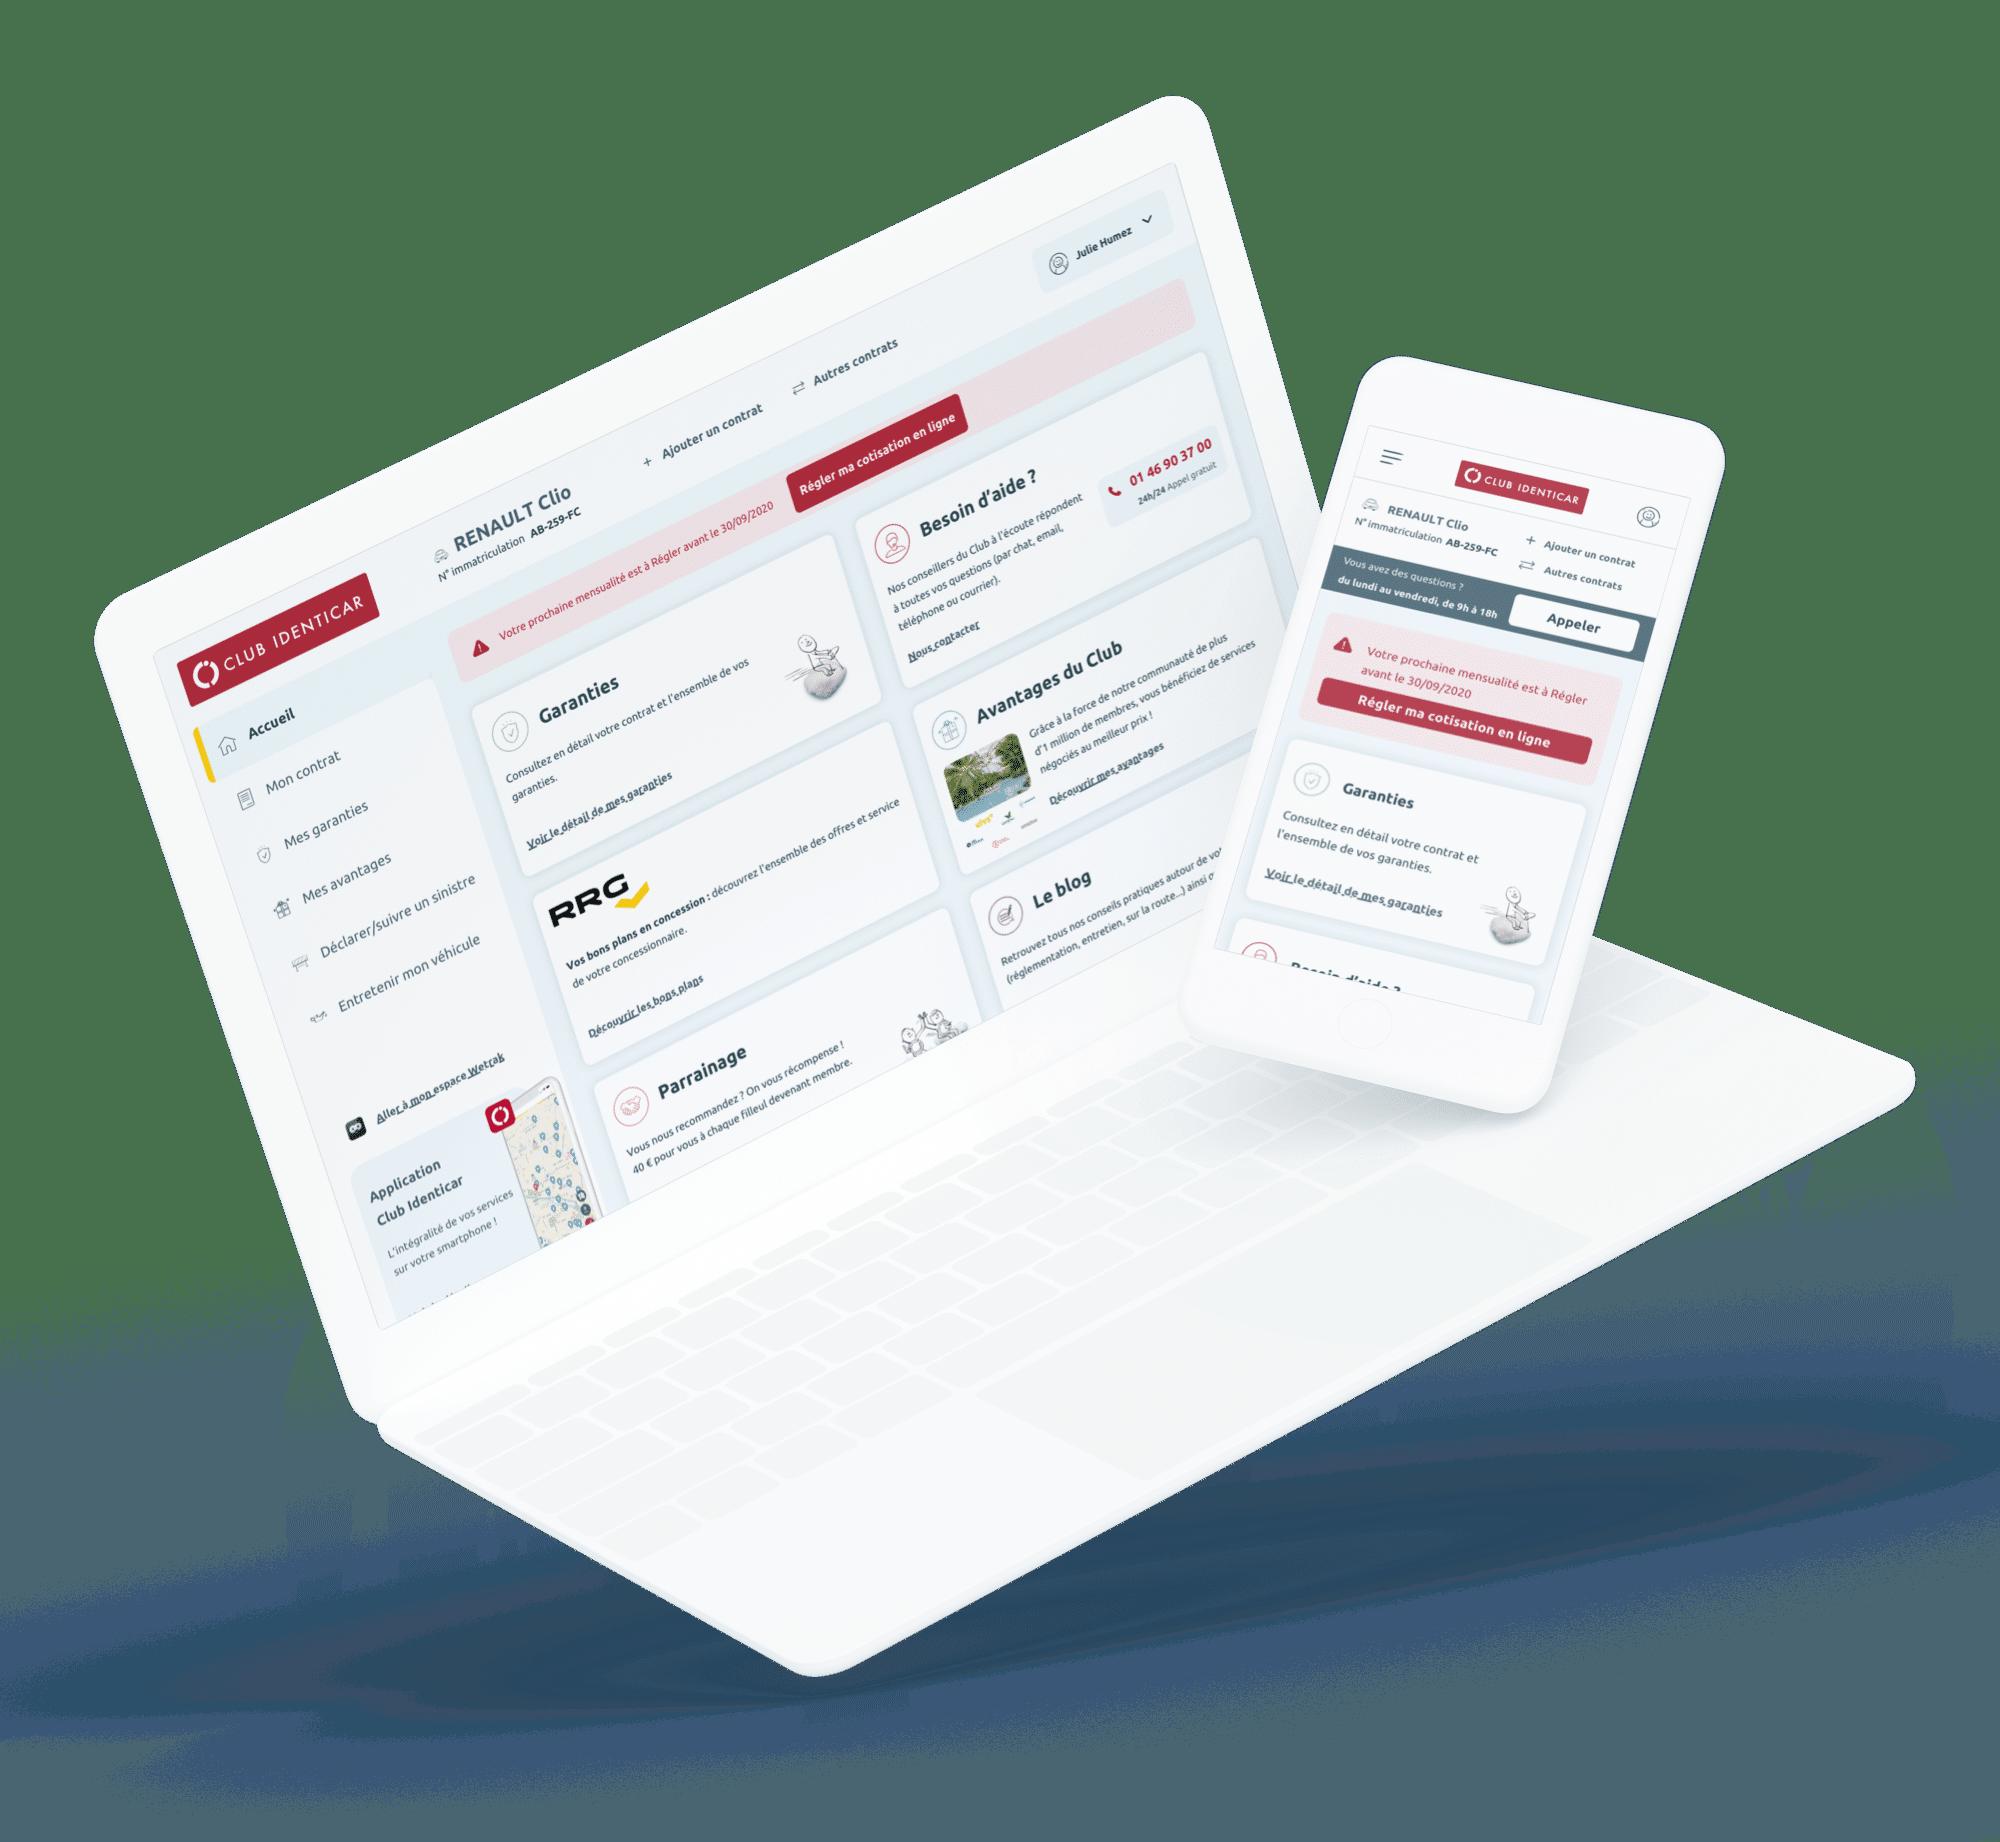 Club Identicar (Espace membre) - Site desktop et mobile